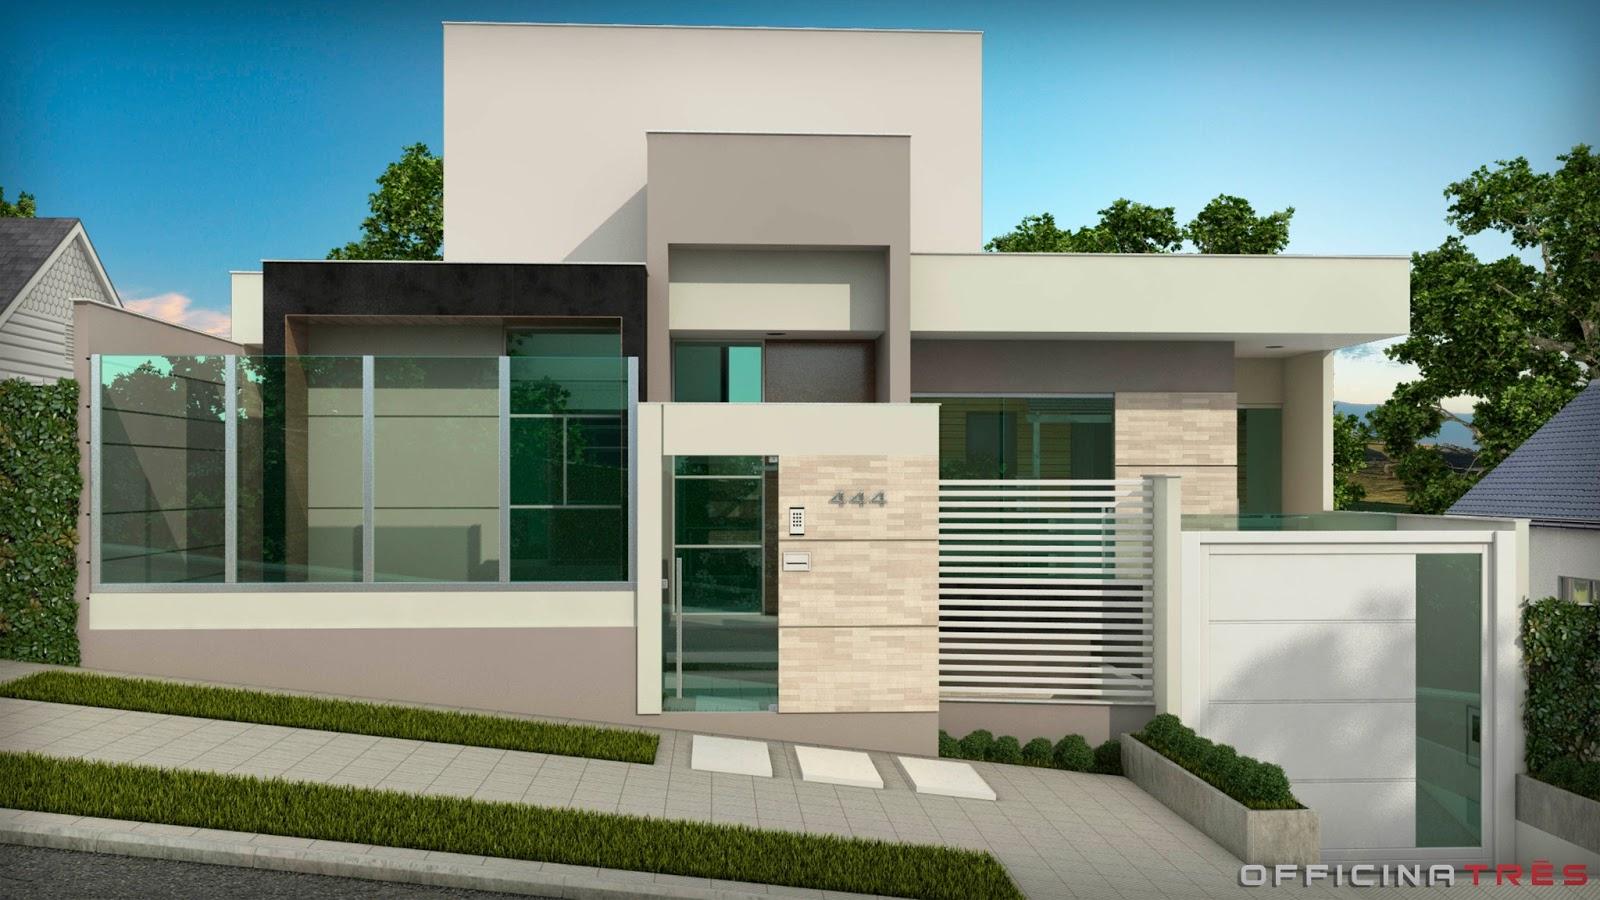 Officinatr s casa no bairro bom jardim manhua u mg for Casa moderna 8